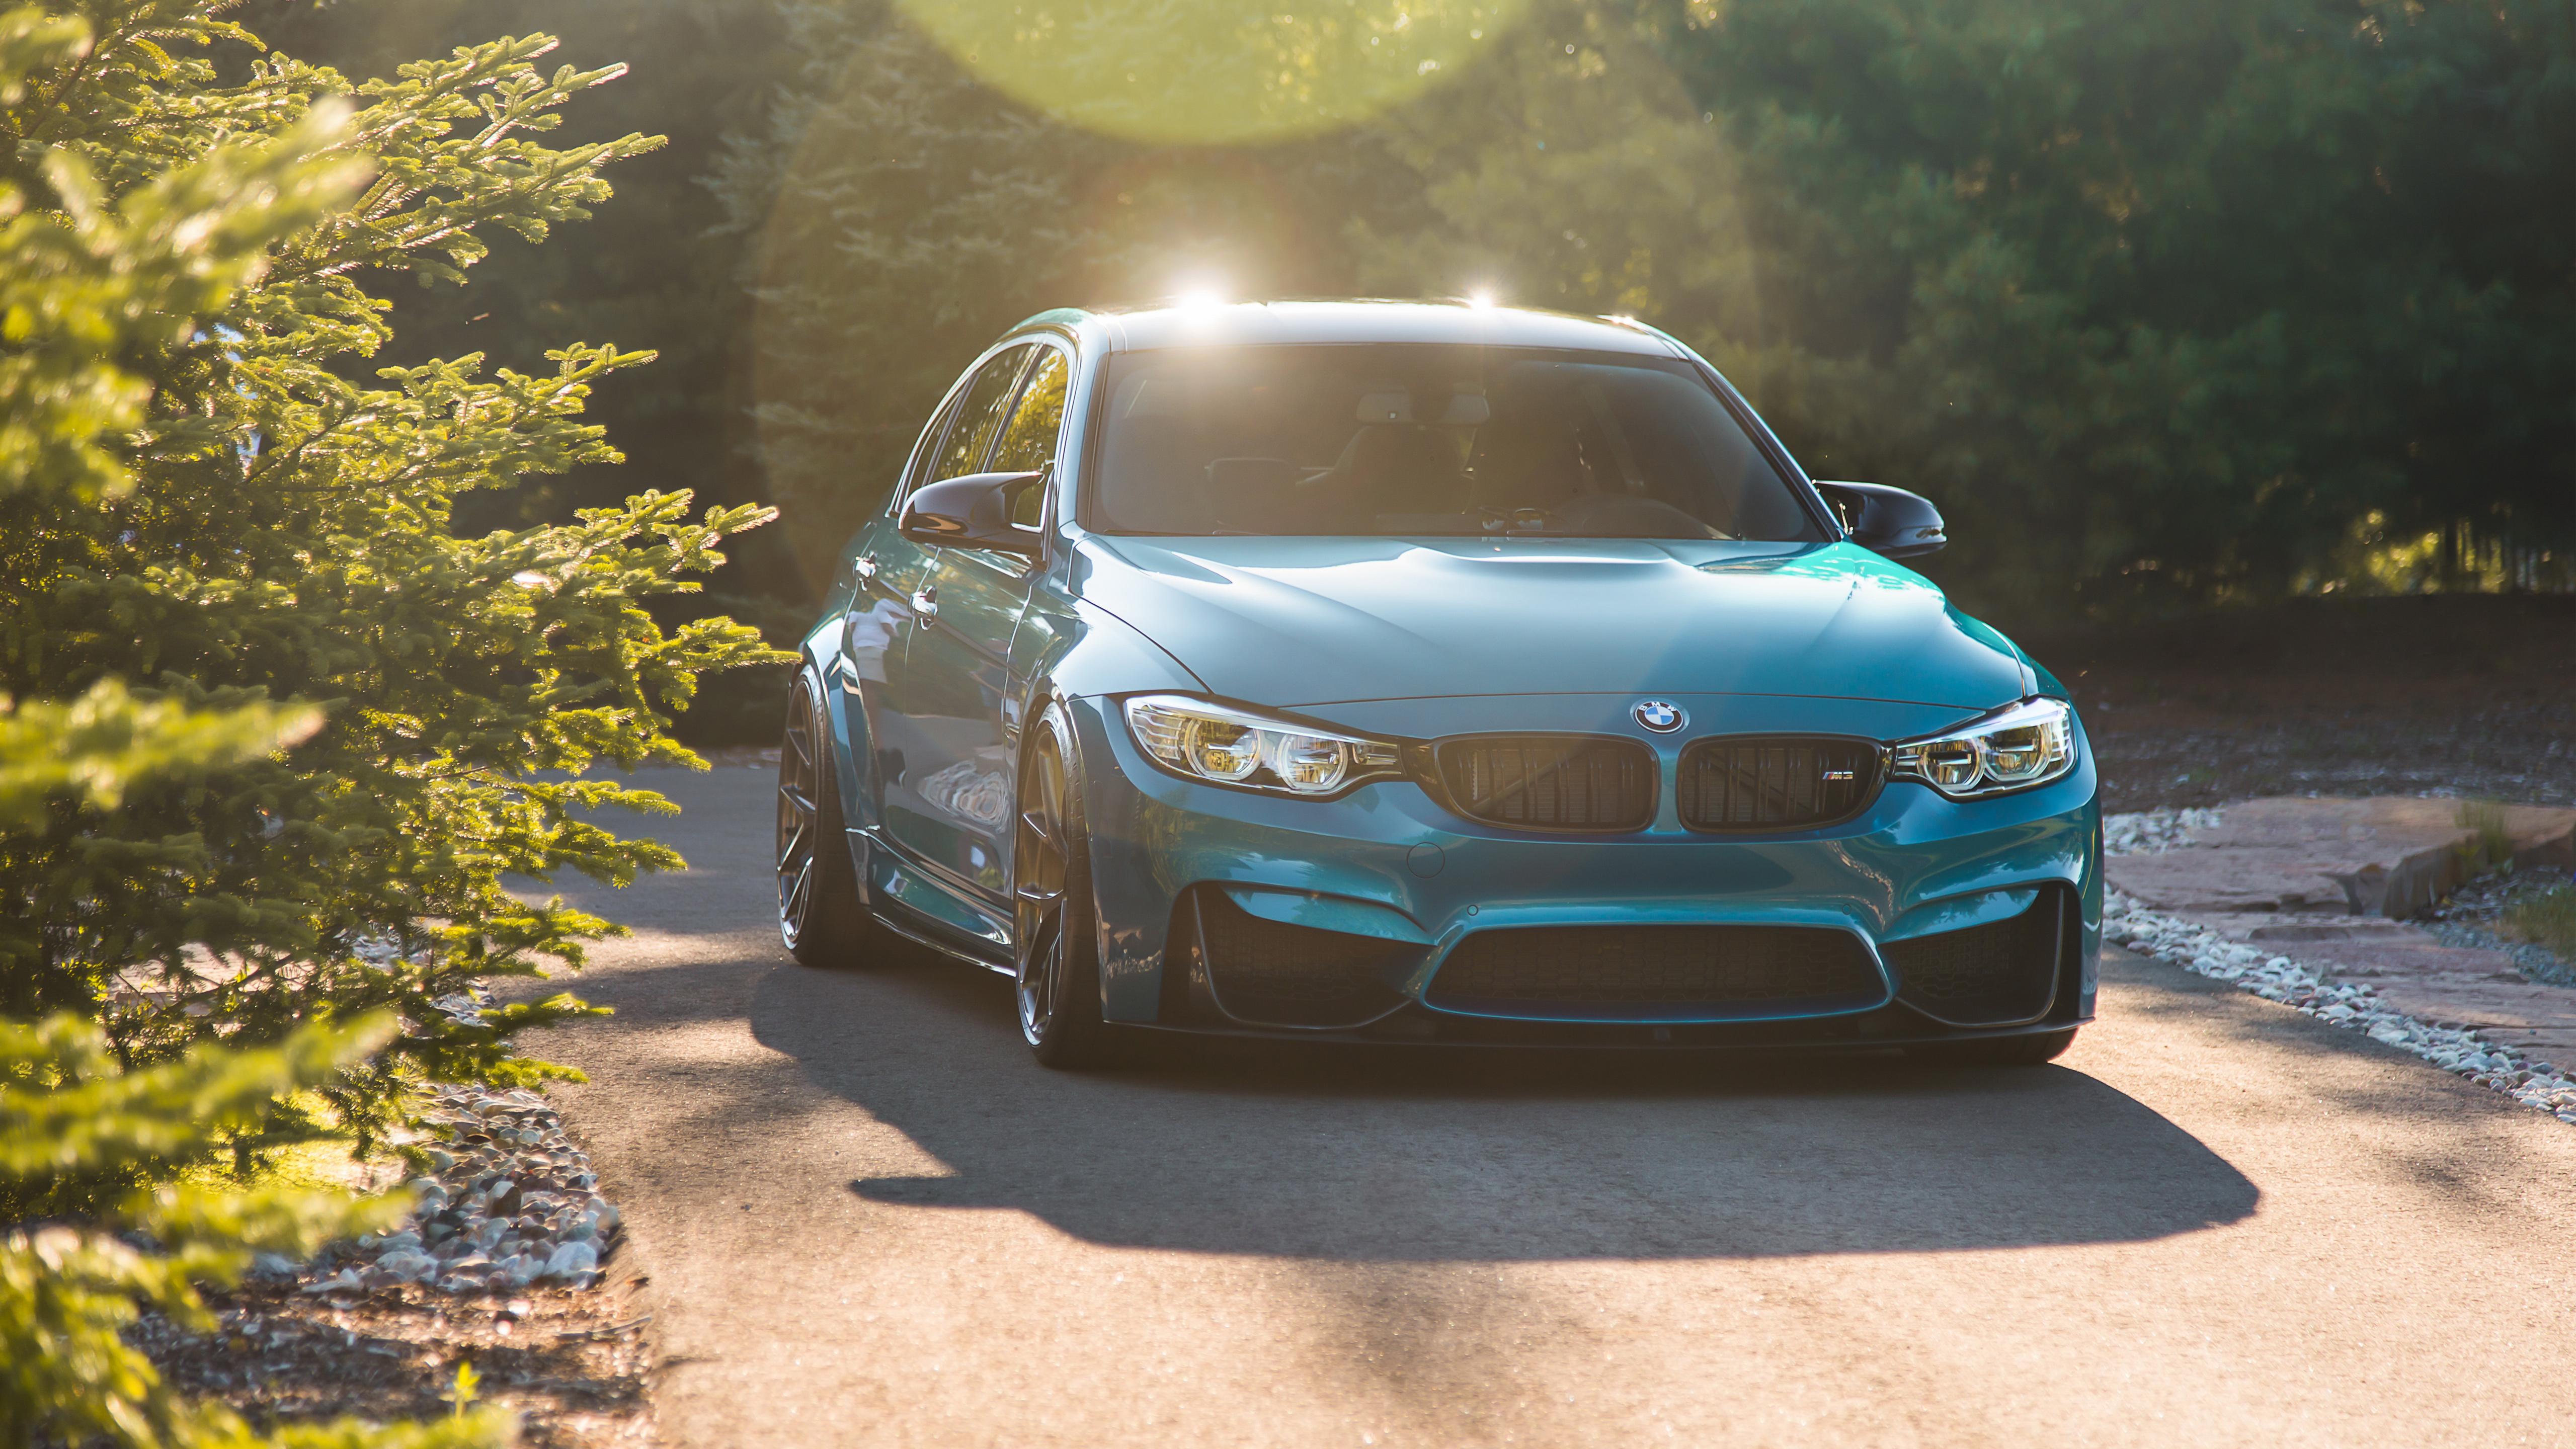 BMW M3 Sport 4K 5K Wallpaper | HD Car Wallpapers | ID #6952